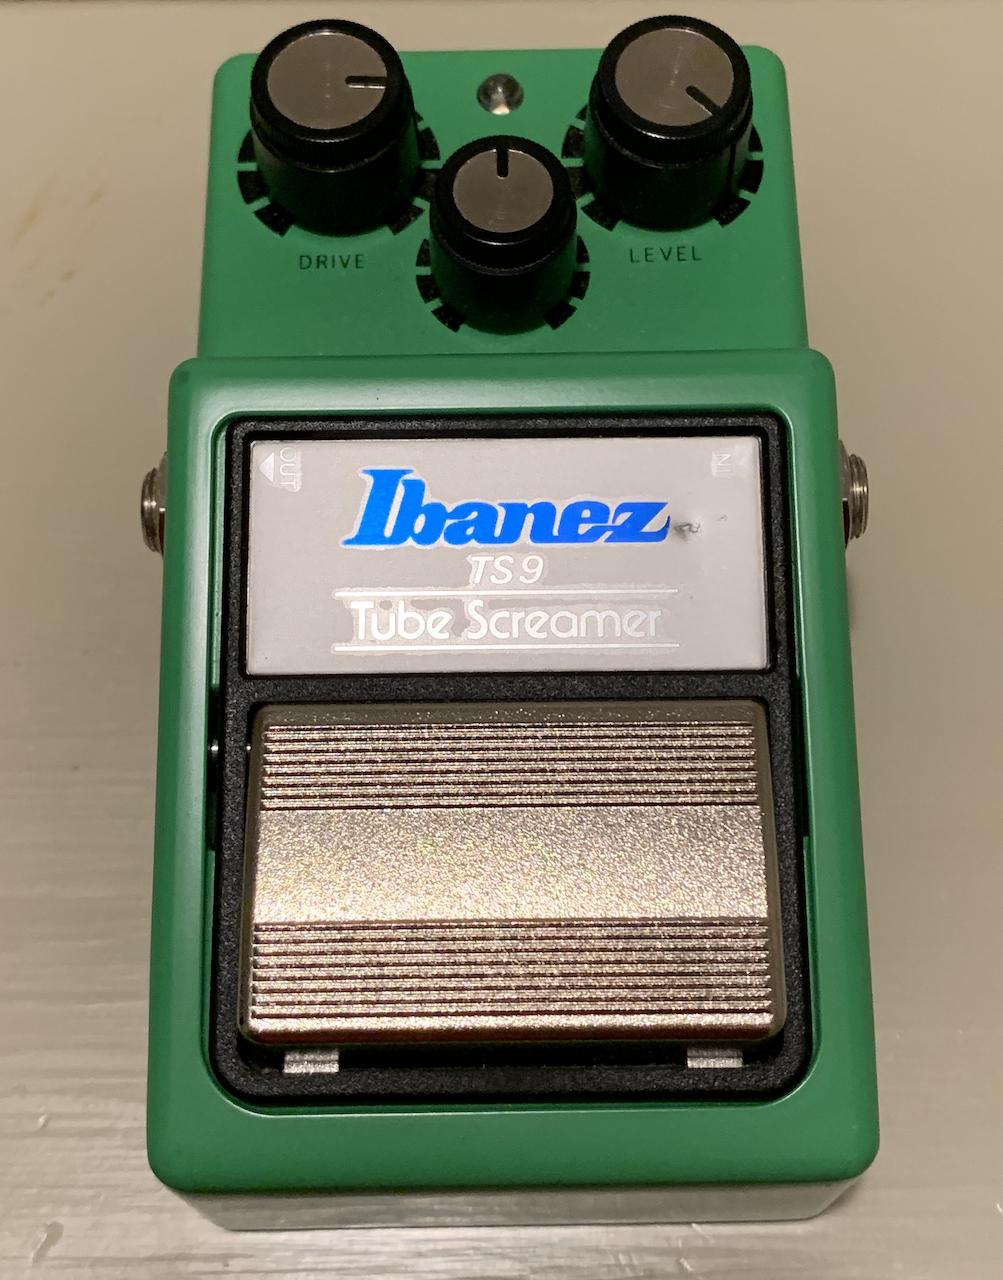 Ibanez TS9 Tube Screamer - Green